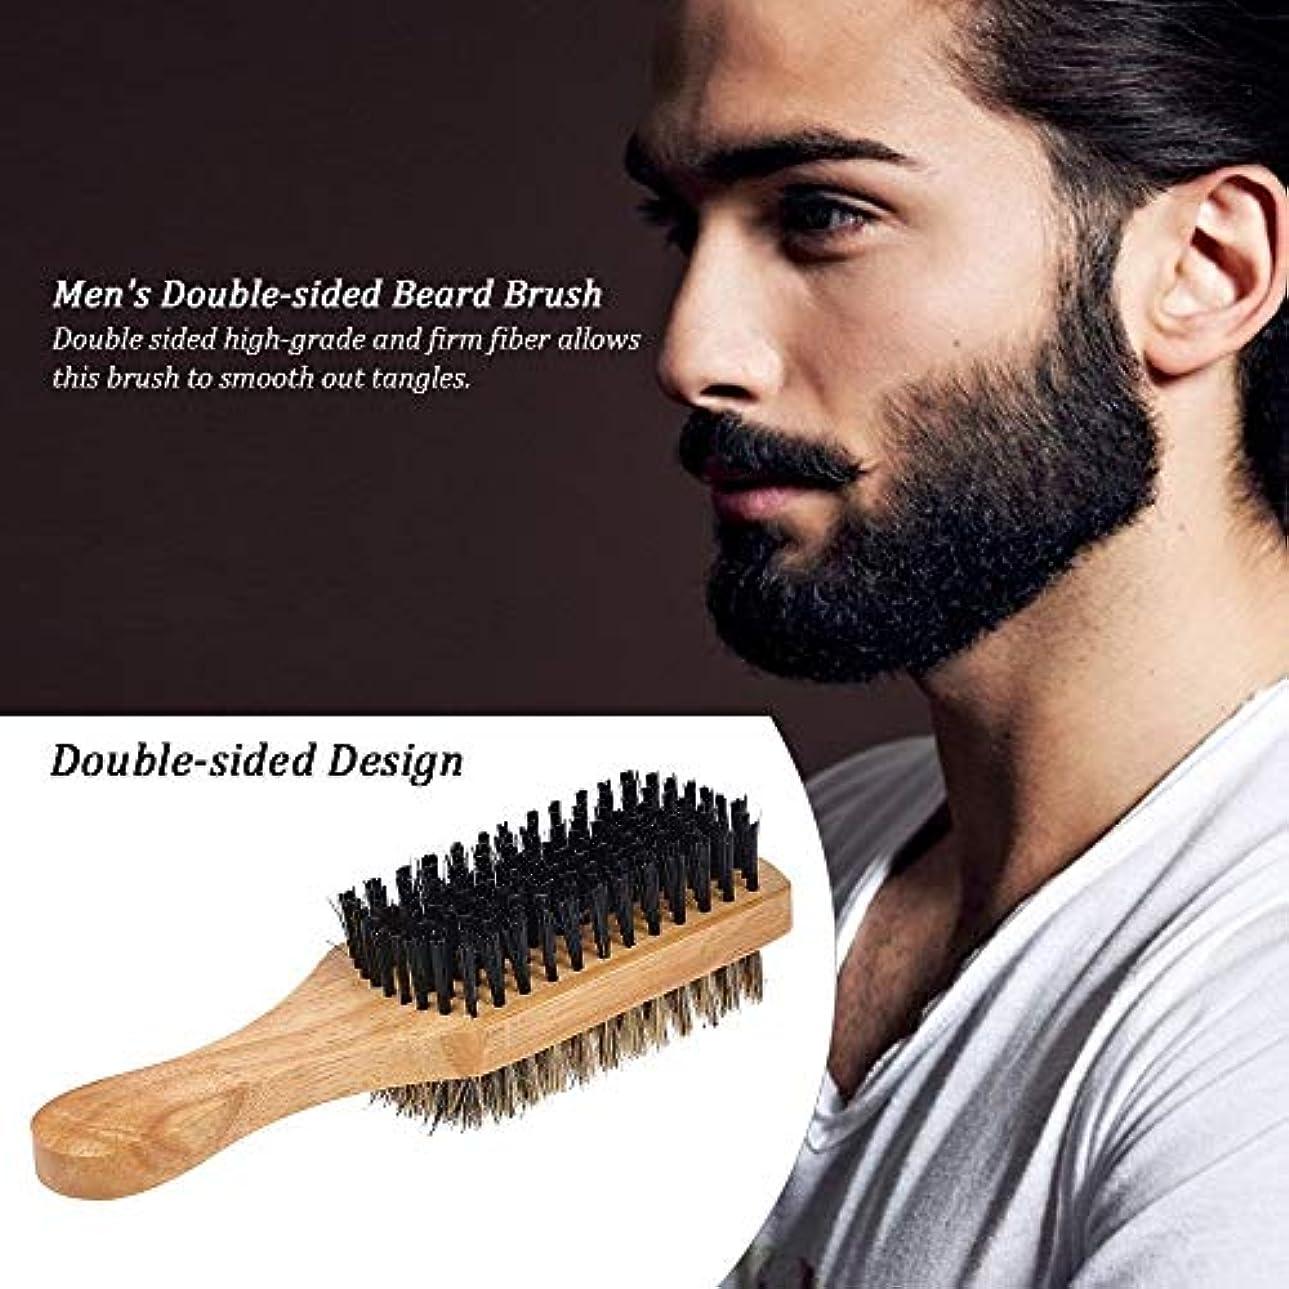 ウェーハ処方する蜜シェービングブラシ メンズ 理容 洗顔 髭剃り ひげ髭ブラシ ひげケア ひげ剃り シェービングブラシ デュアルサイド (Color : #1)